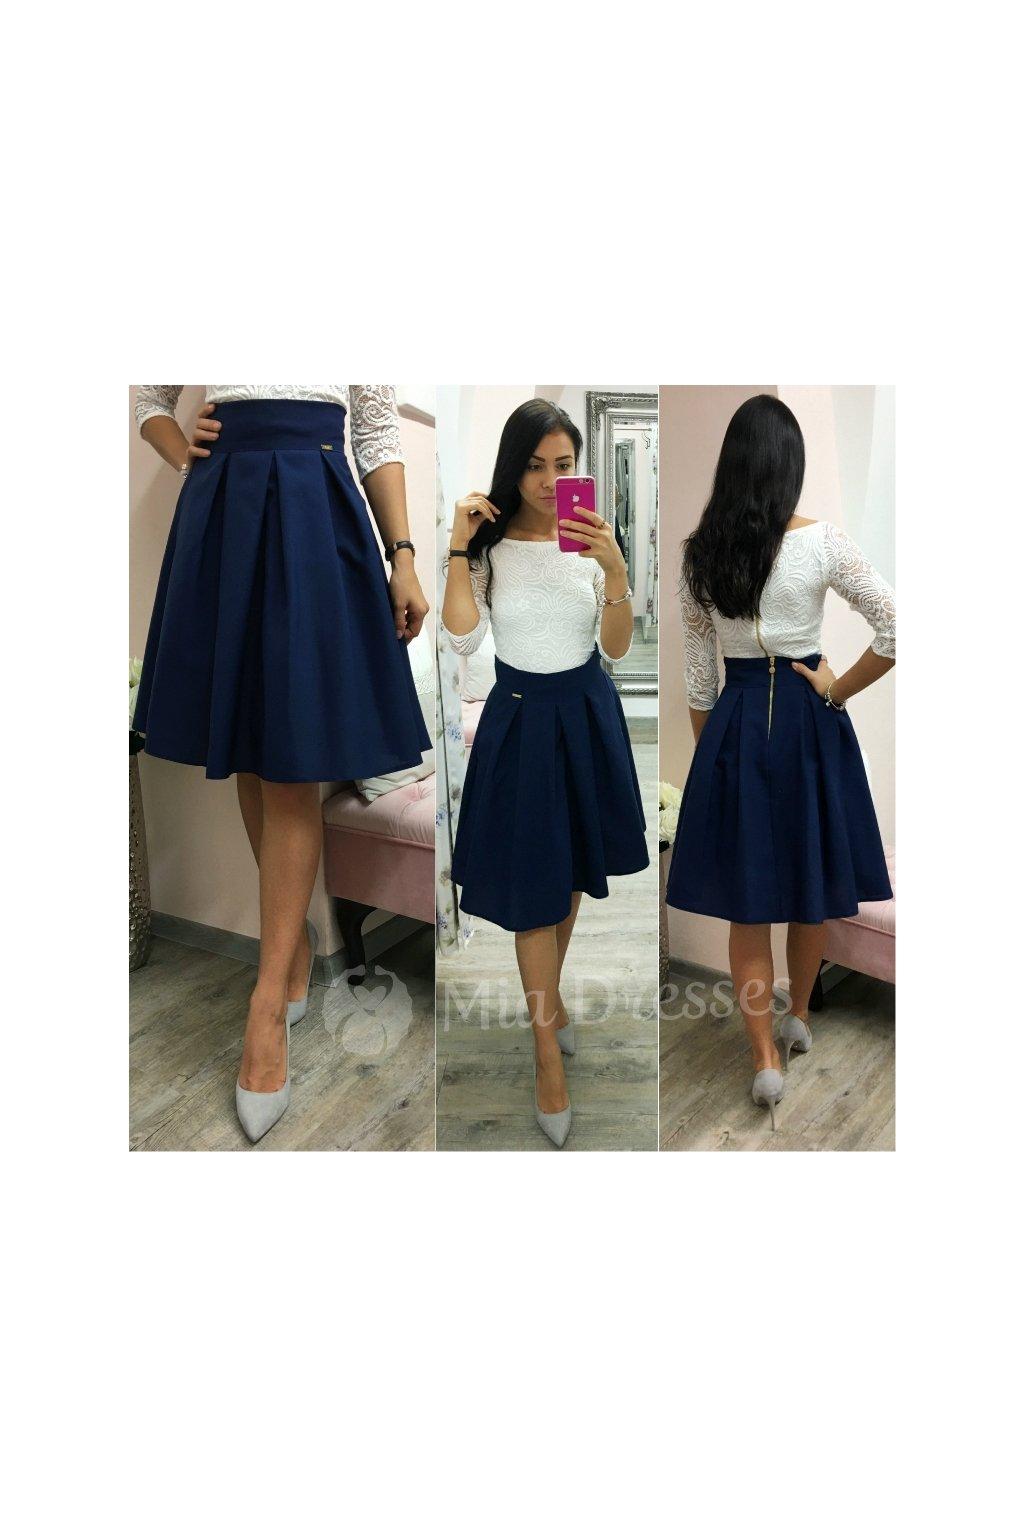 c6b2a3001c36 Tmavomodrá áčková krátka sukňa - Mia Dresses